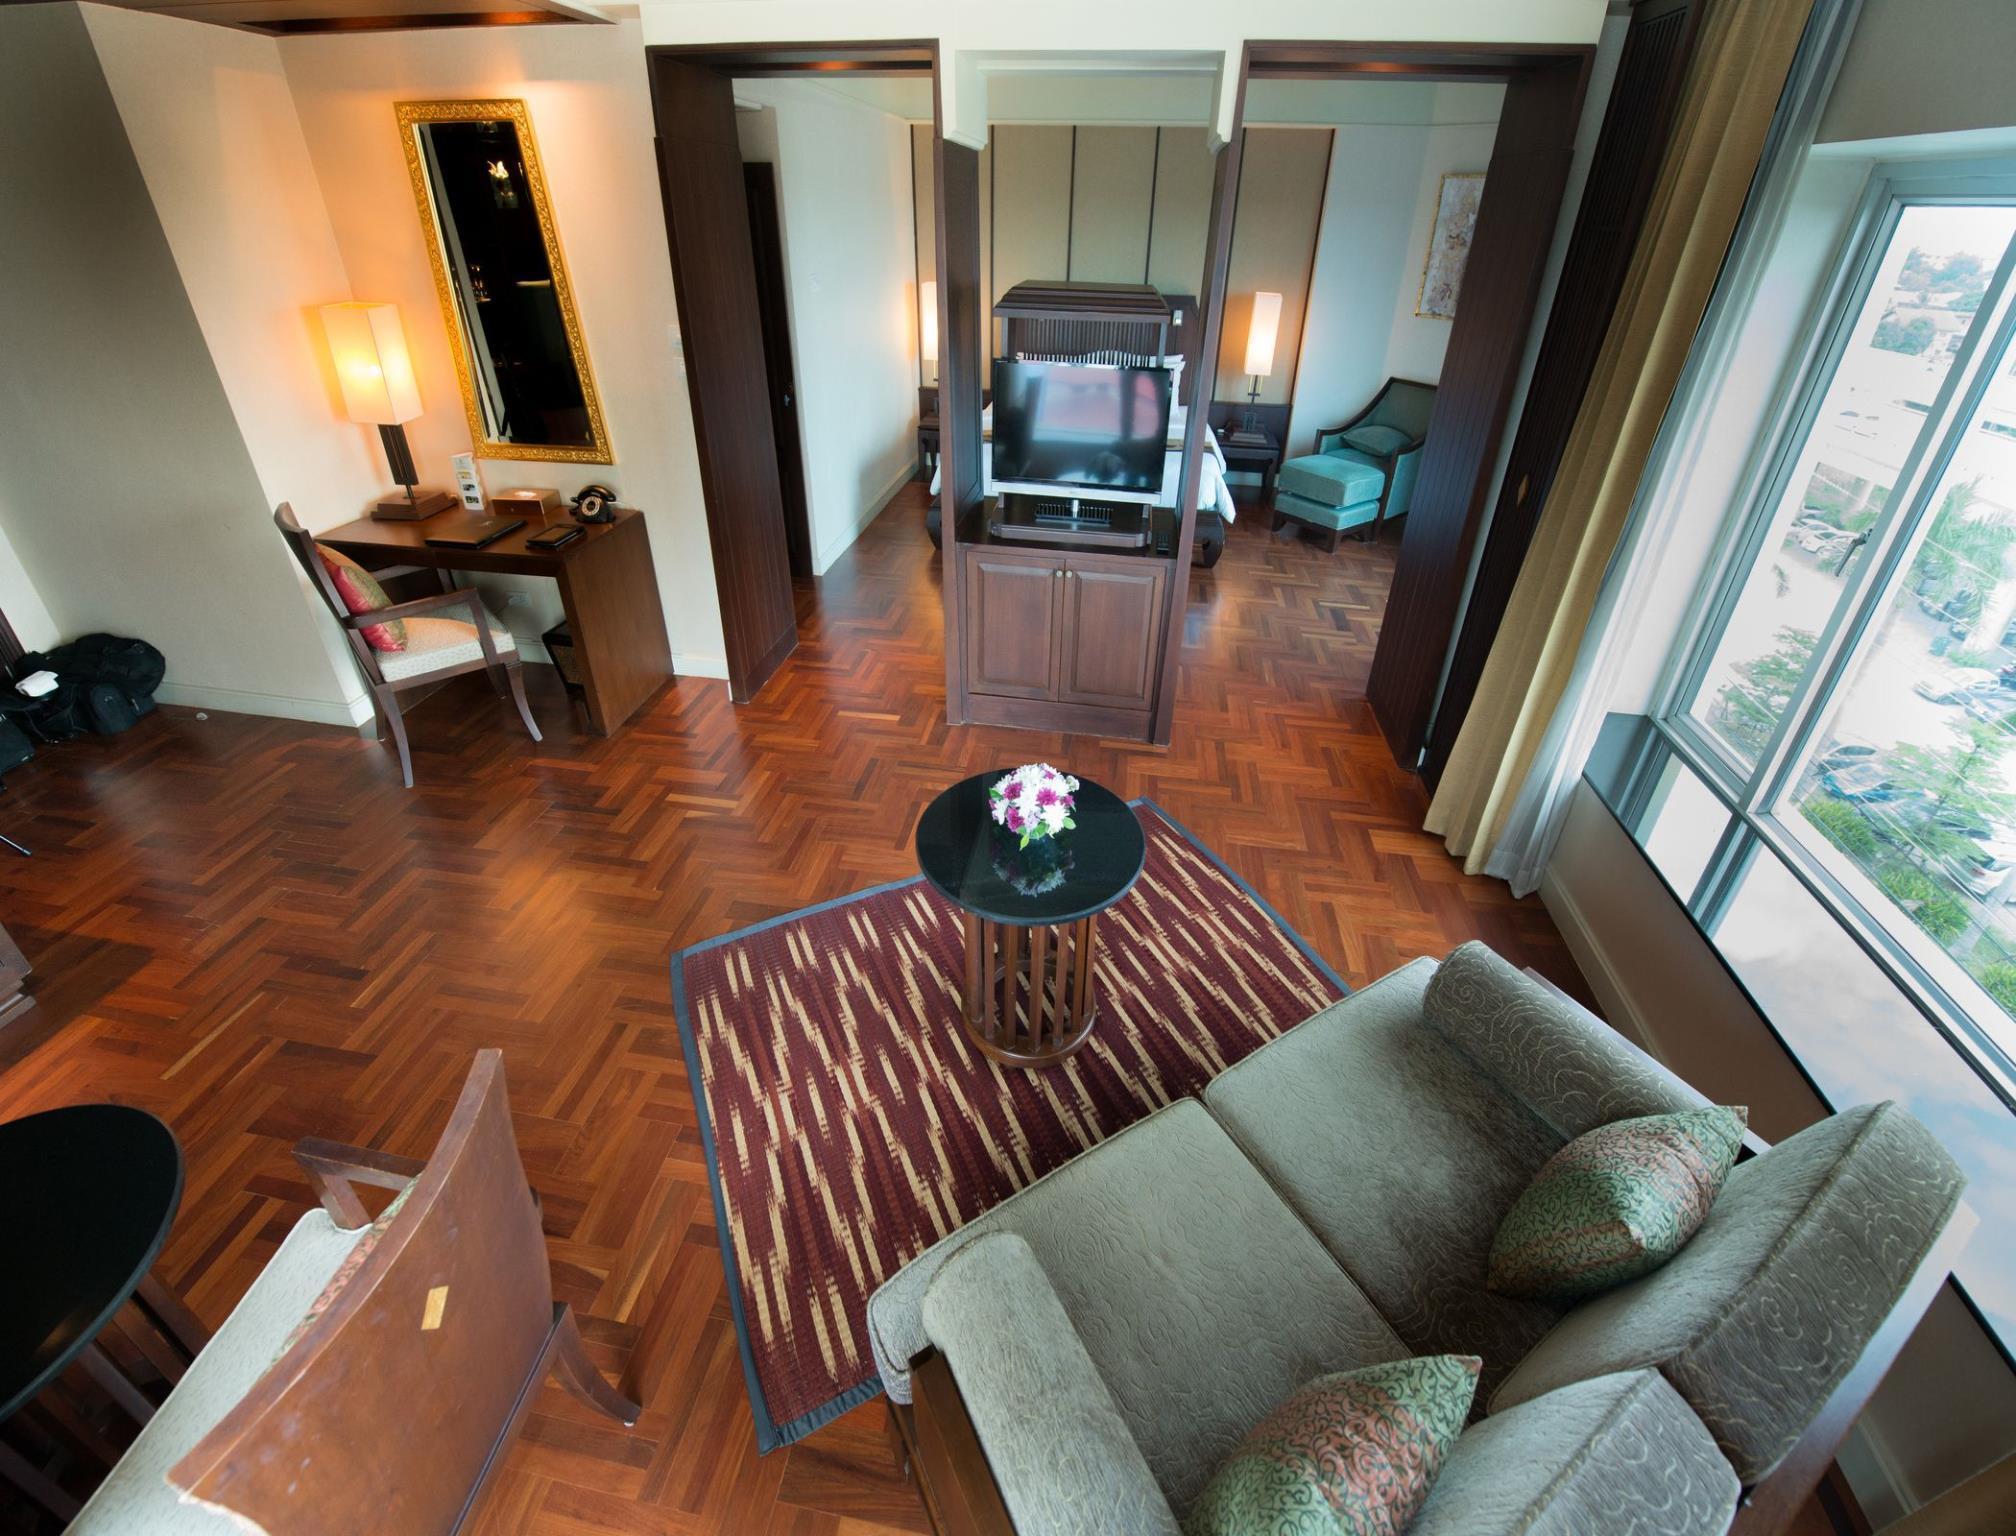 Krungsri River Hotel โรงแรมกรุงศรี ริเวอร์